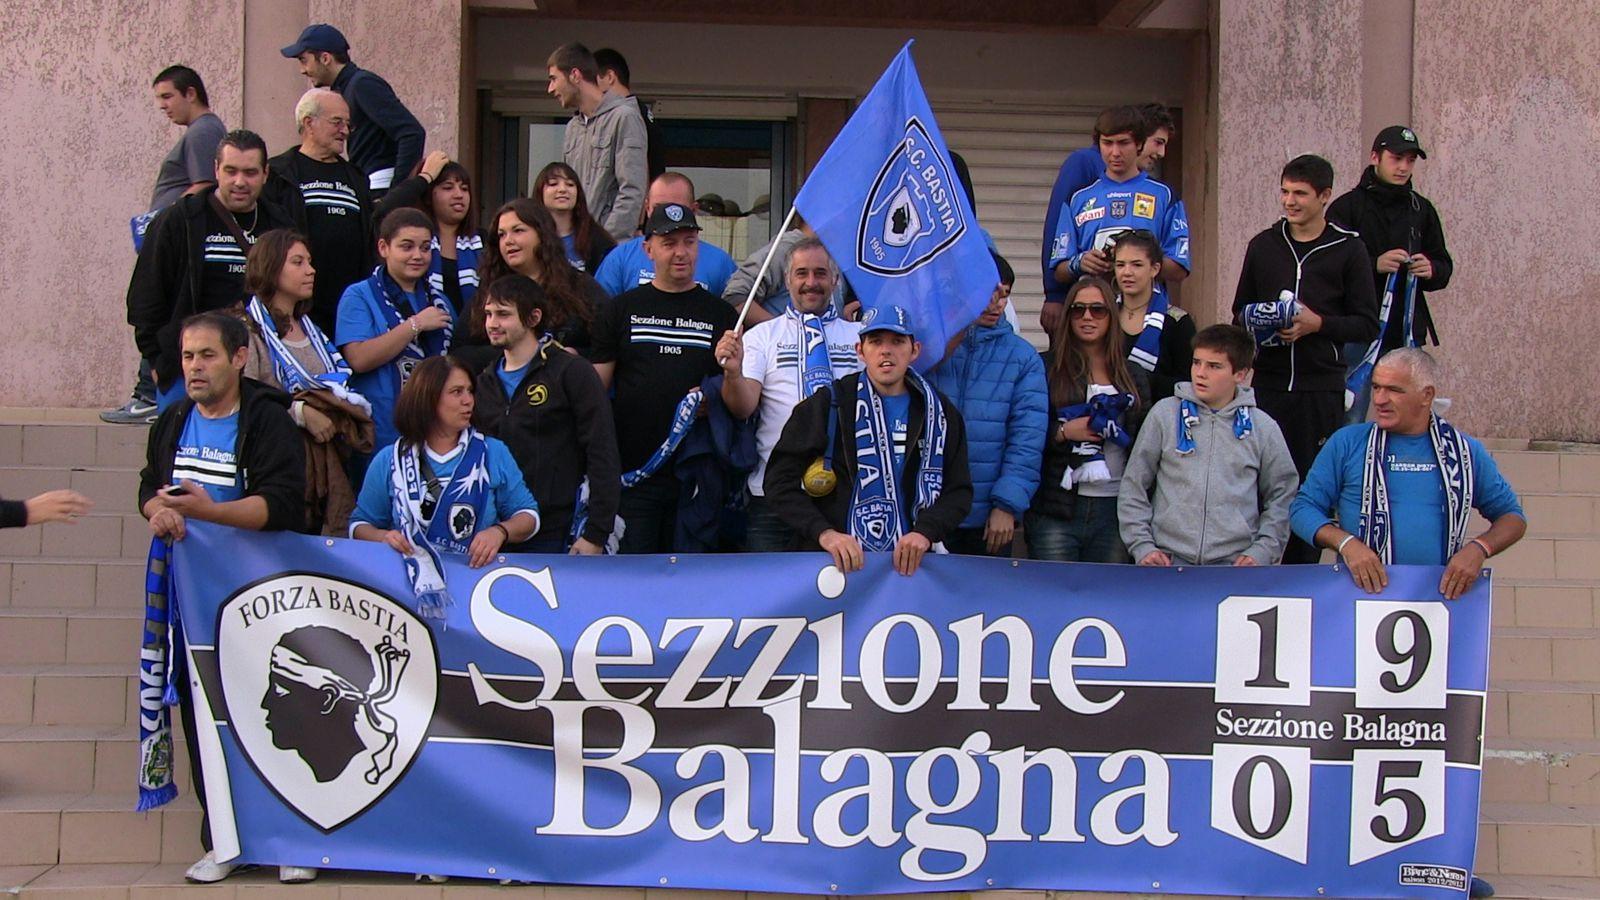 Web Documentaire - Sezzione Balagna